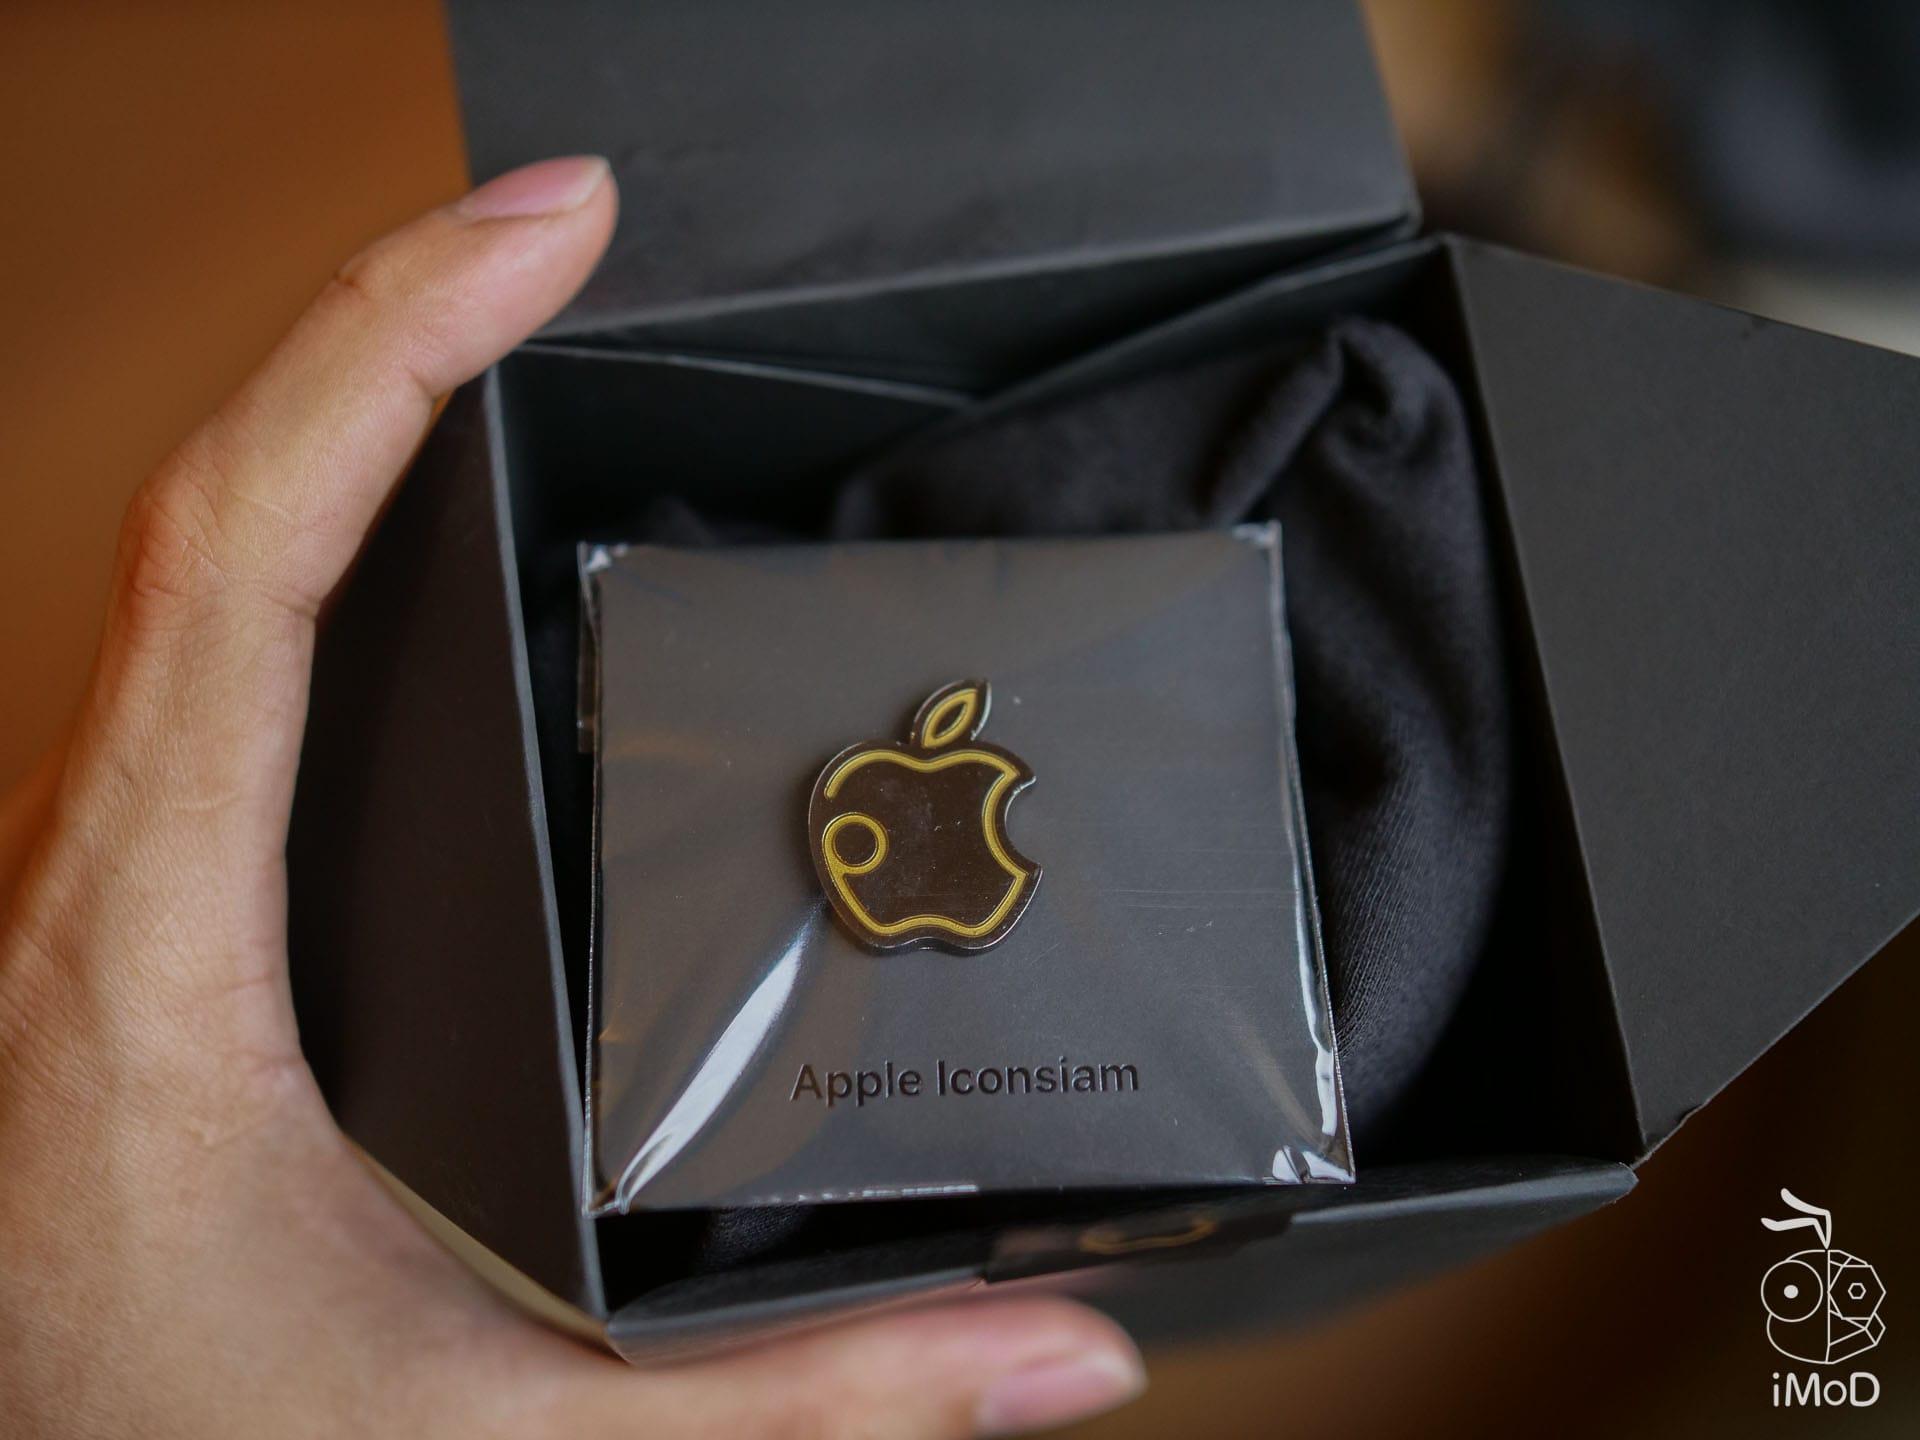 Apple Iconsiam Tshirt 1200397